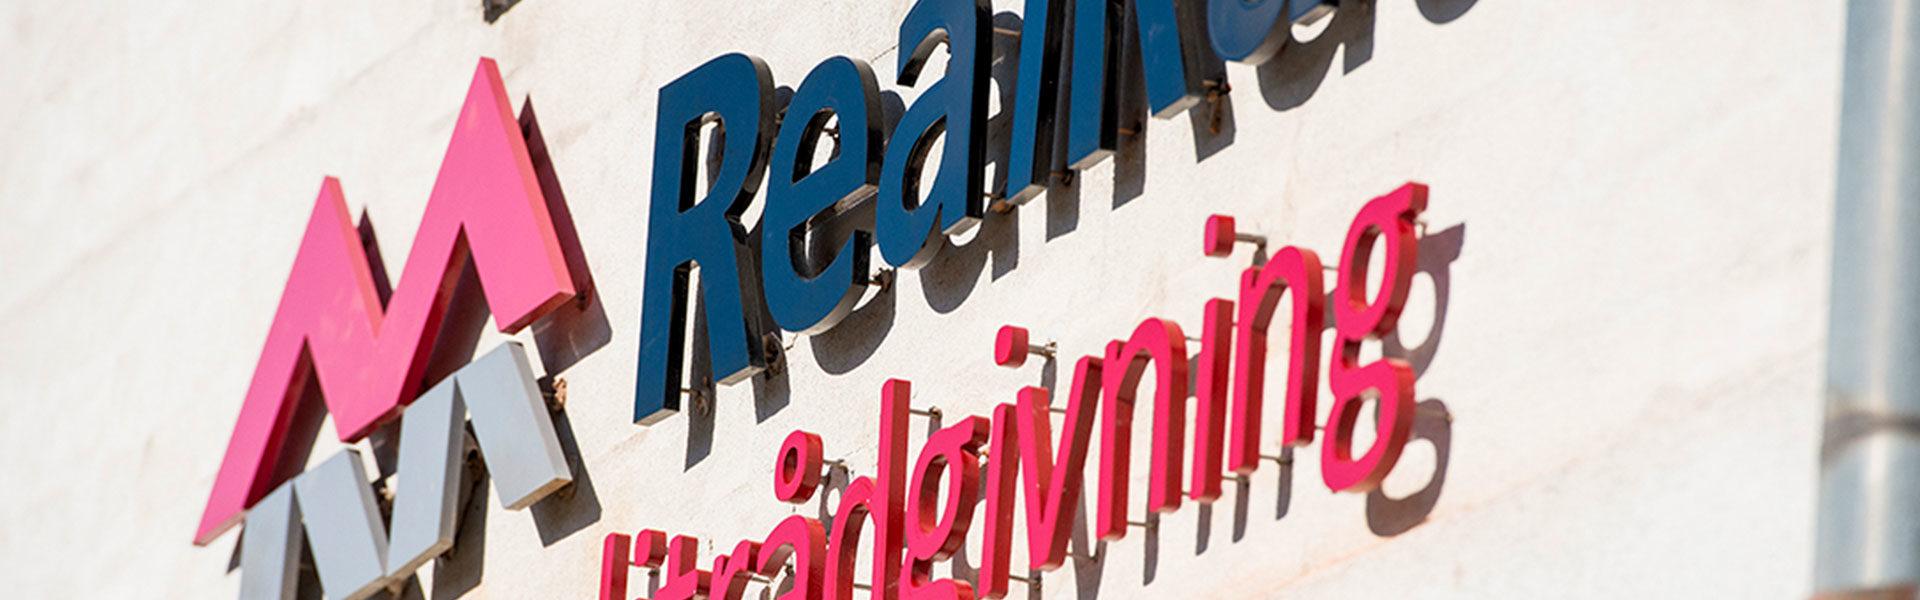 RealRåd facade